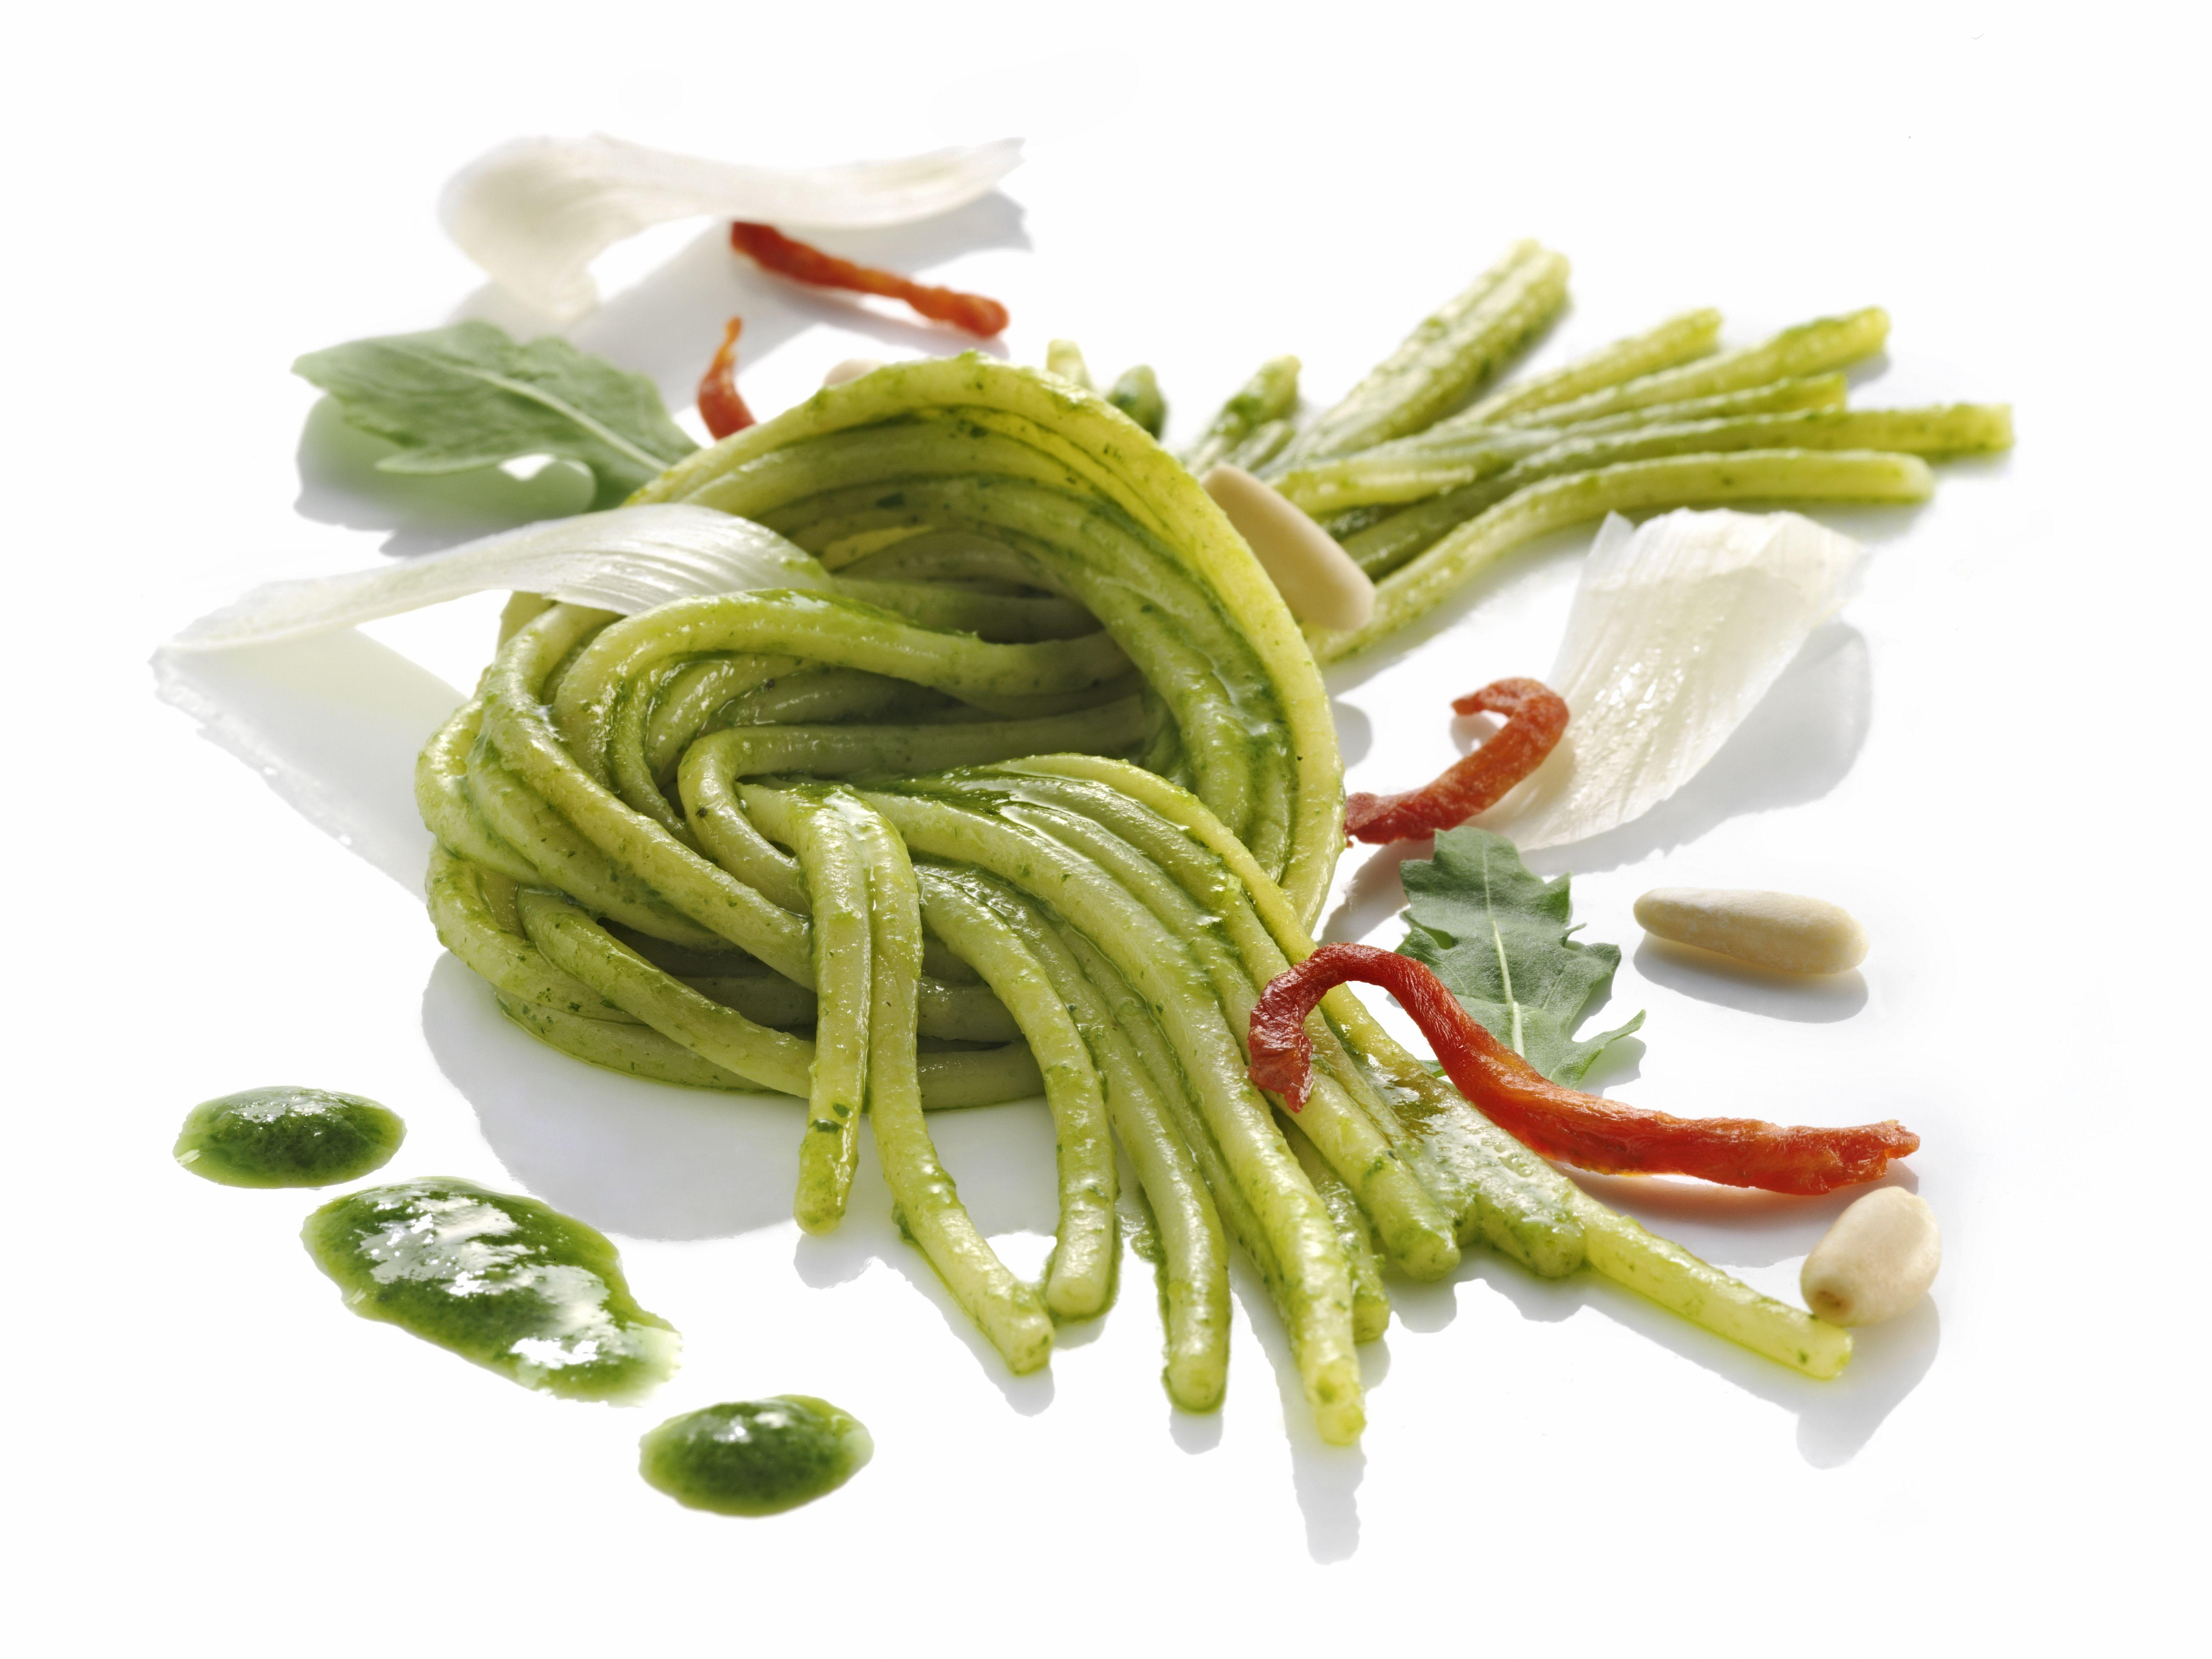 Pin by JaZz LoVeR on Pasta • Italia Italian recipes